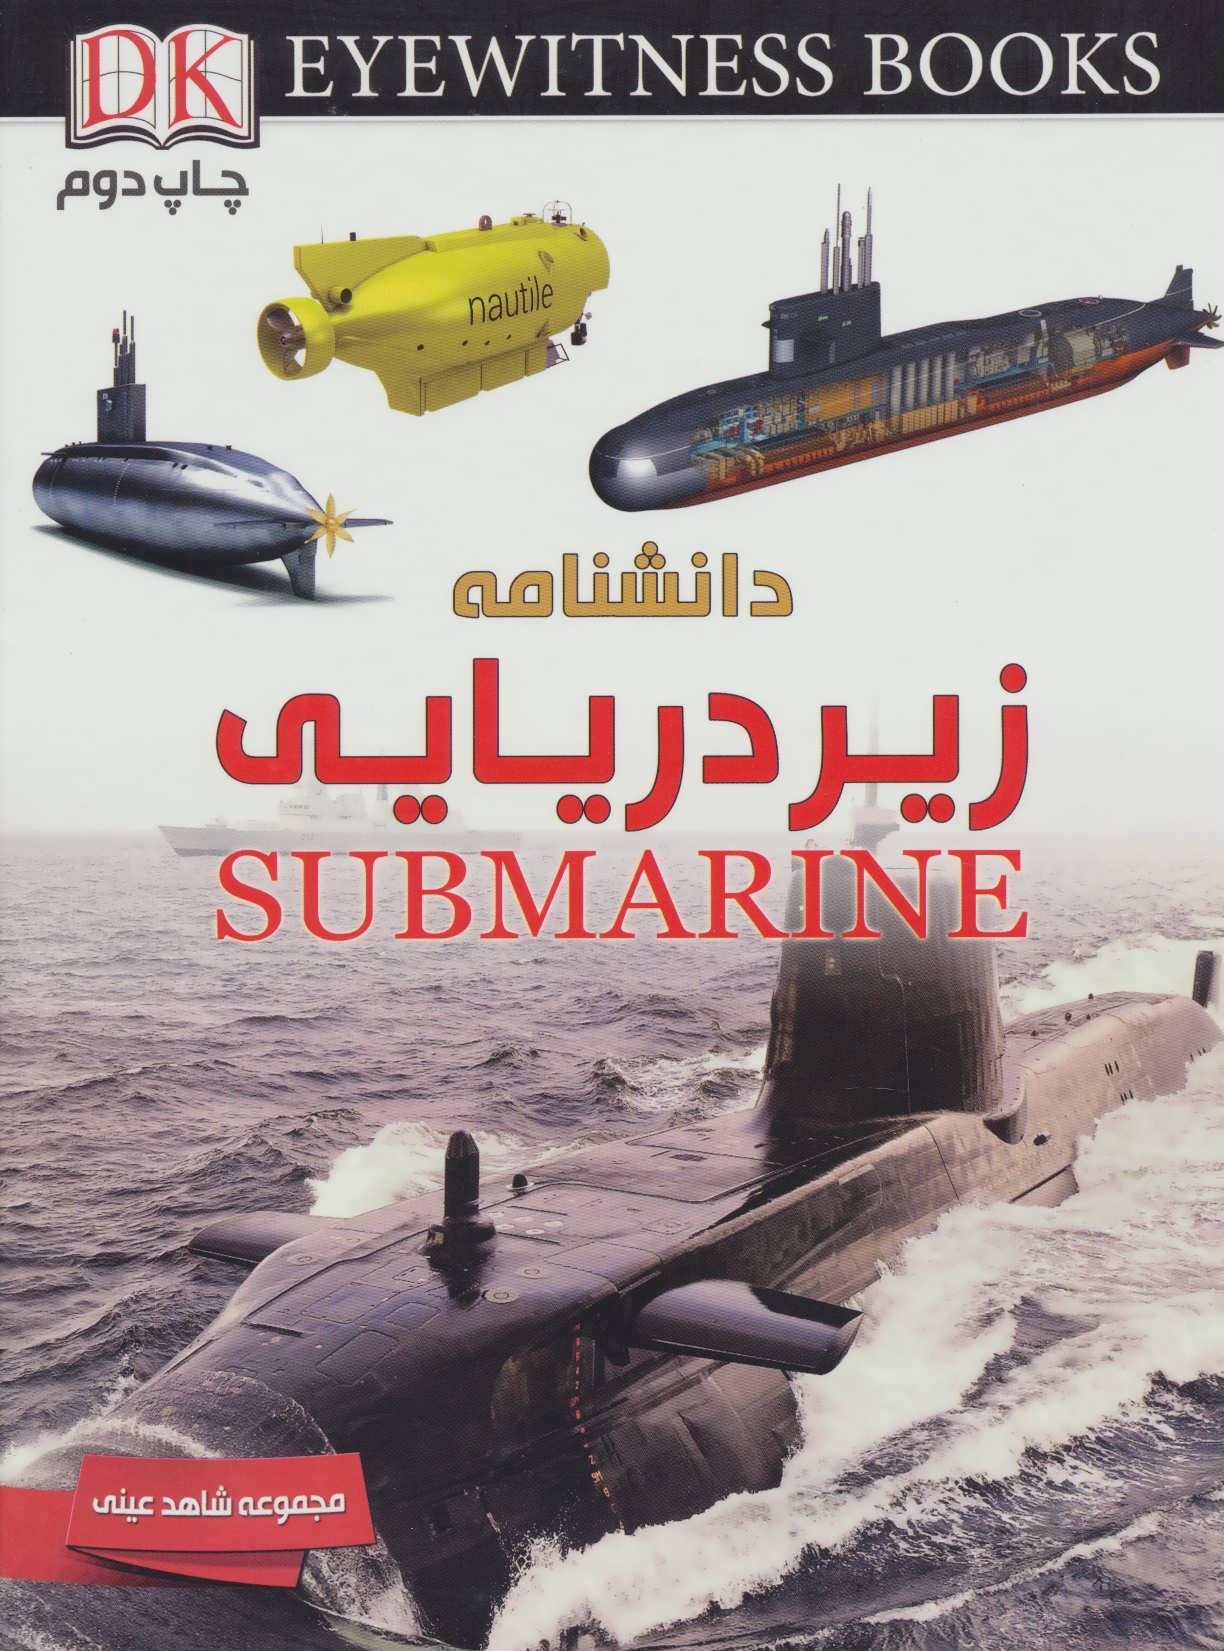 دانشنامه زیردریایی (شاهد عینی)،(گلاسه)